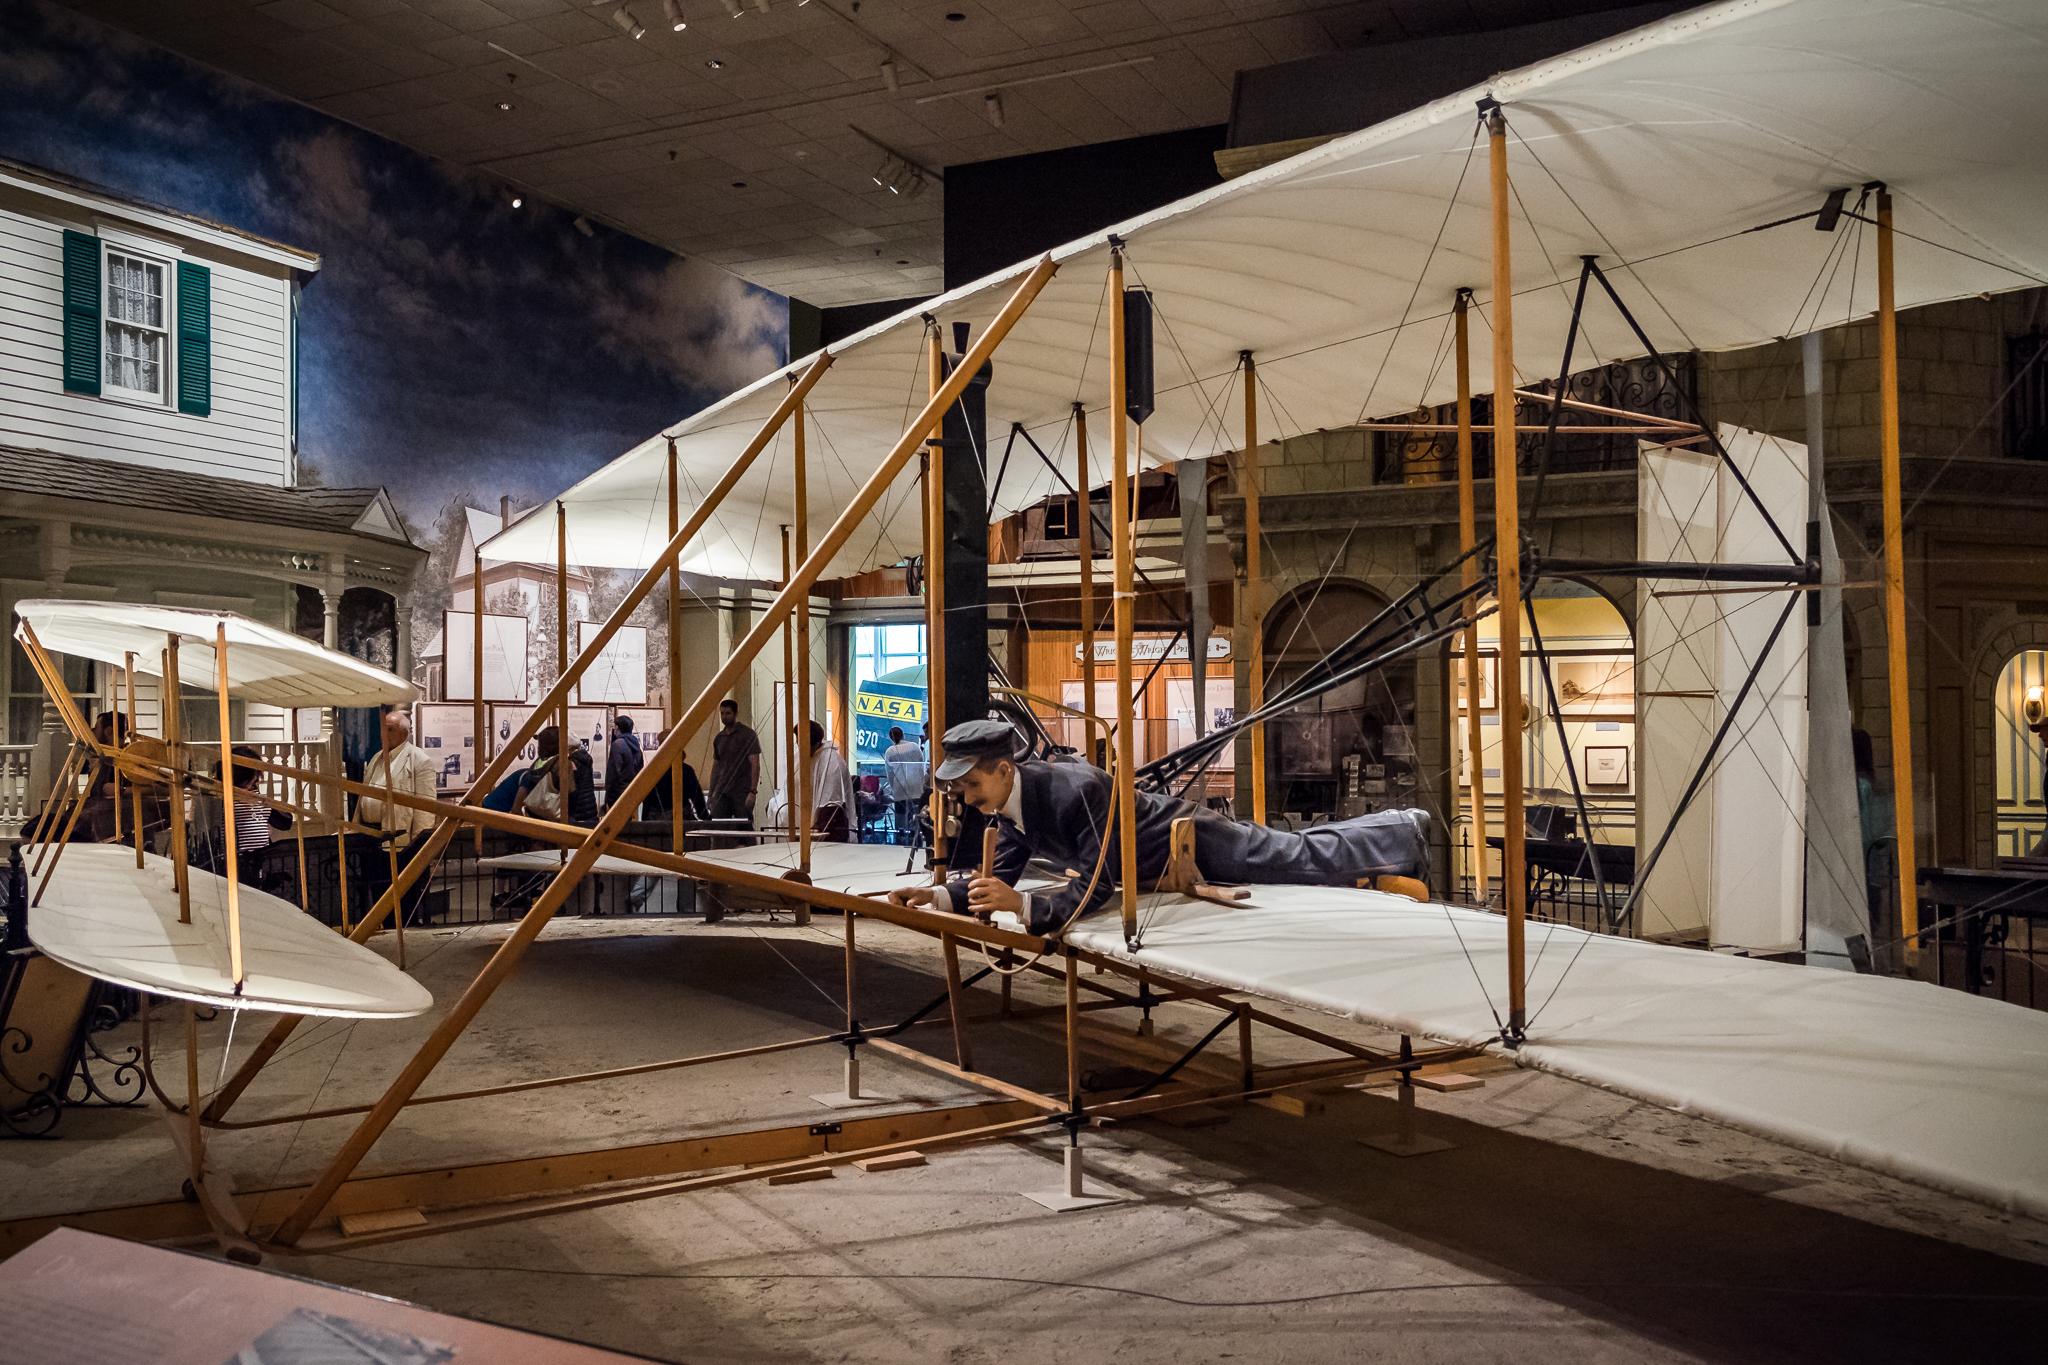 Frank Lloyd Wright glider